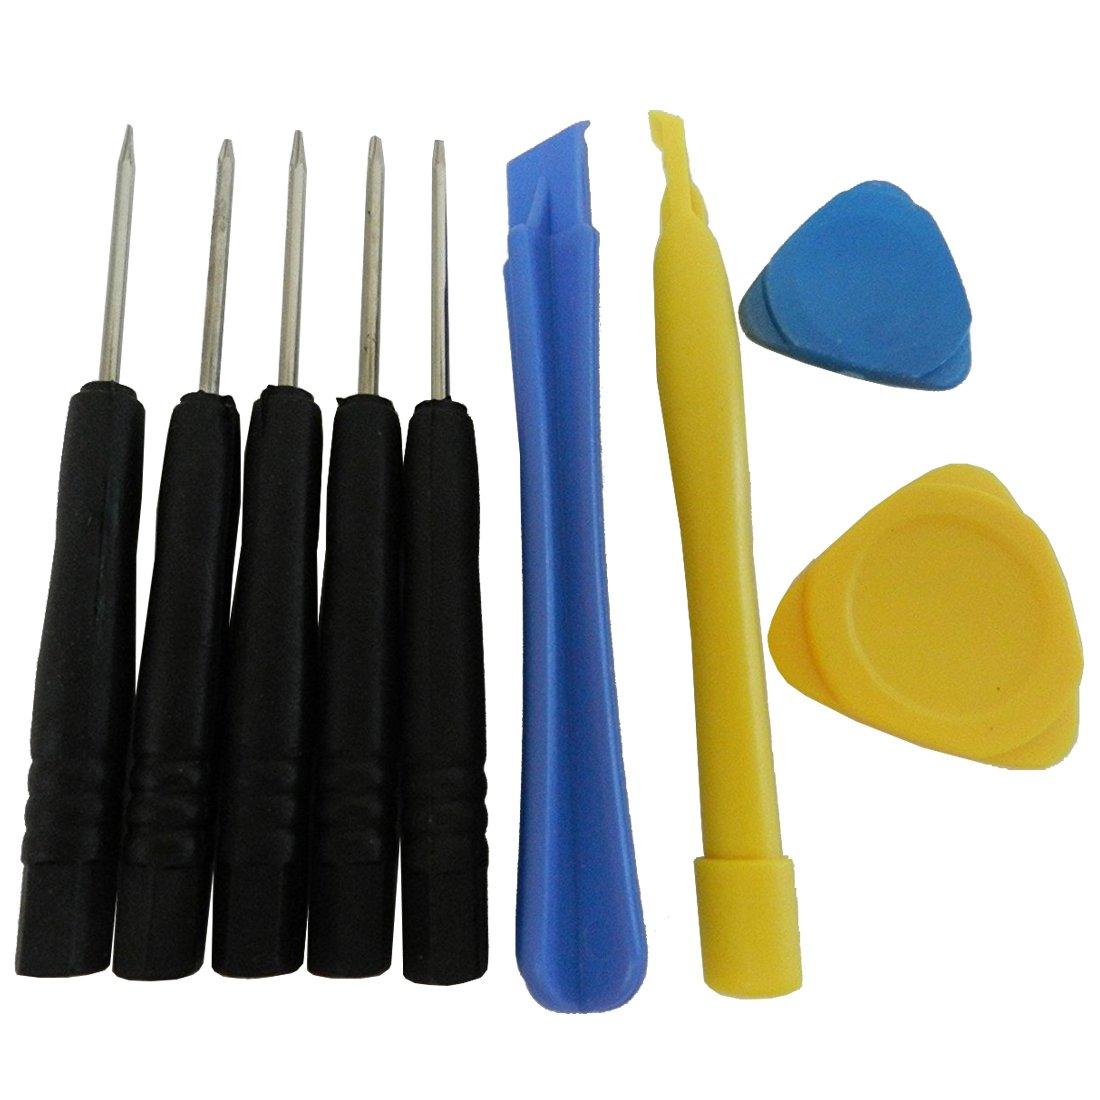 TOOGOO(R) 9 Pcs Mini Torx T2 T3 T4 T5 T6 (6 Point) Cell Phone Repair Kit Tool Set Screwdrivers Tools